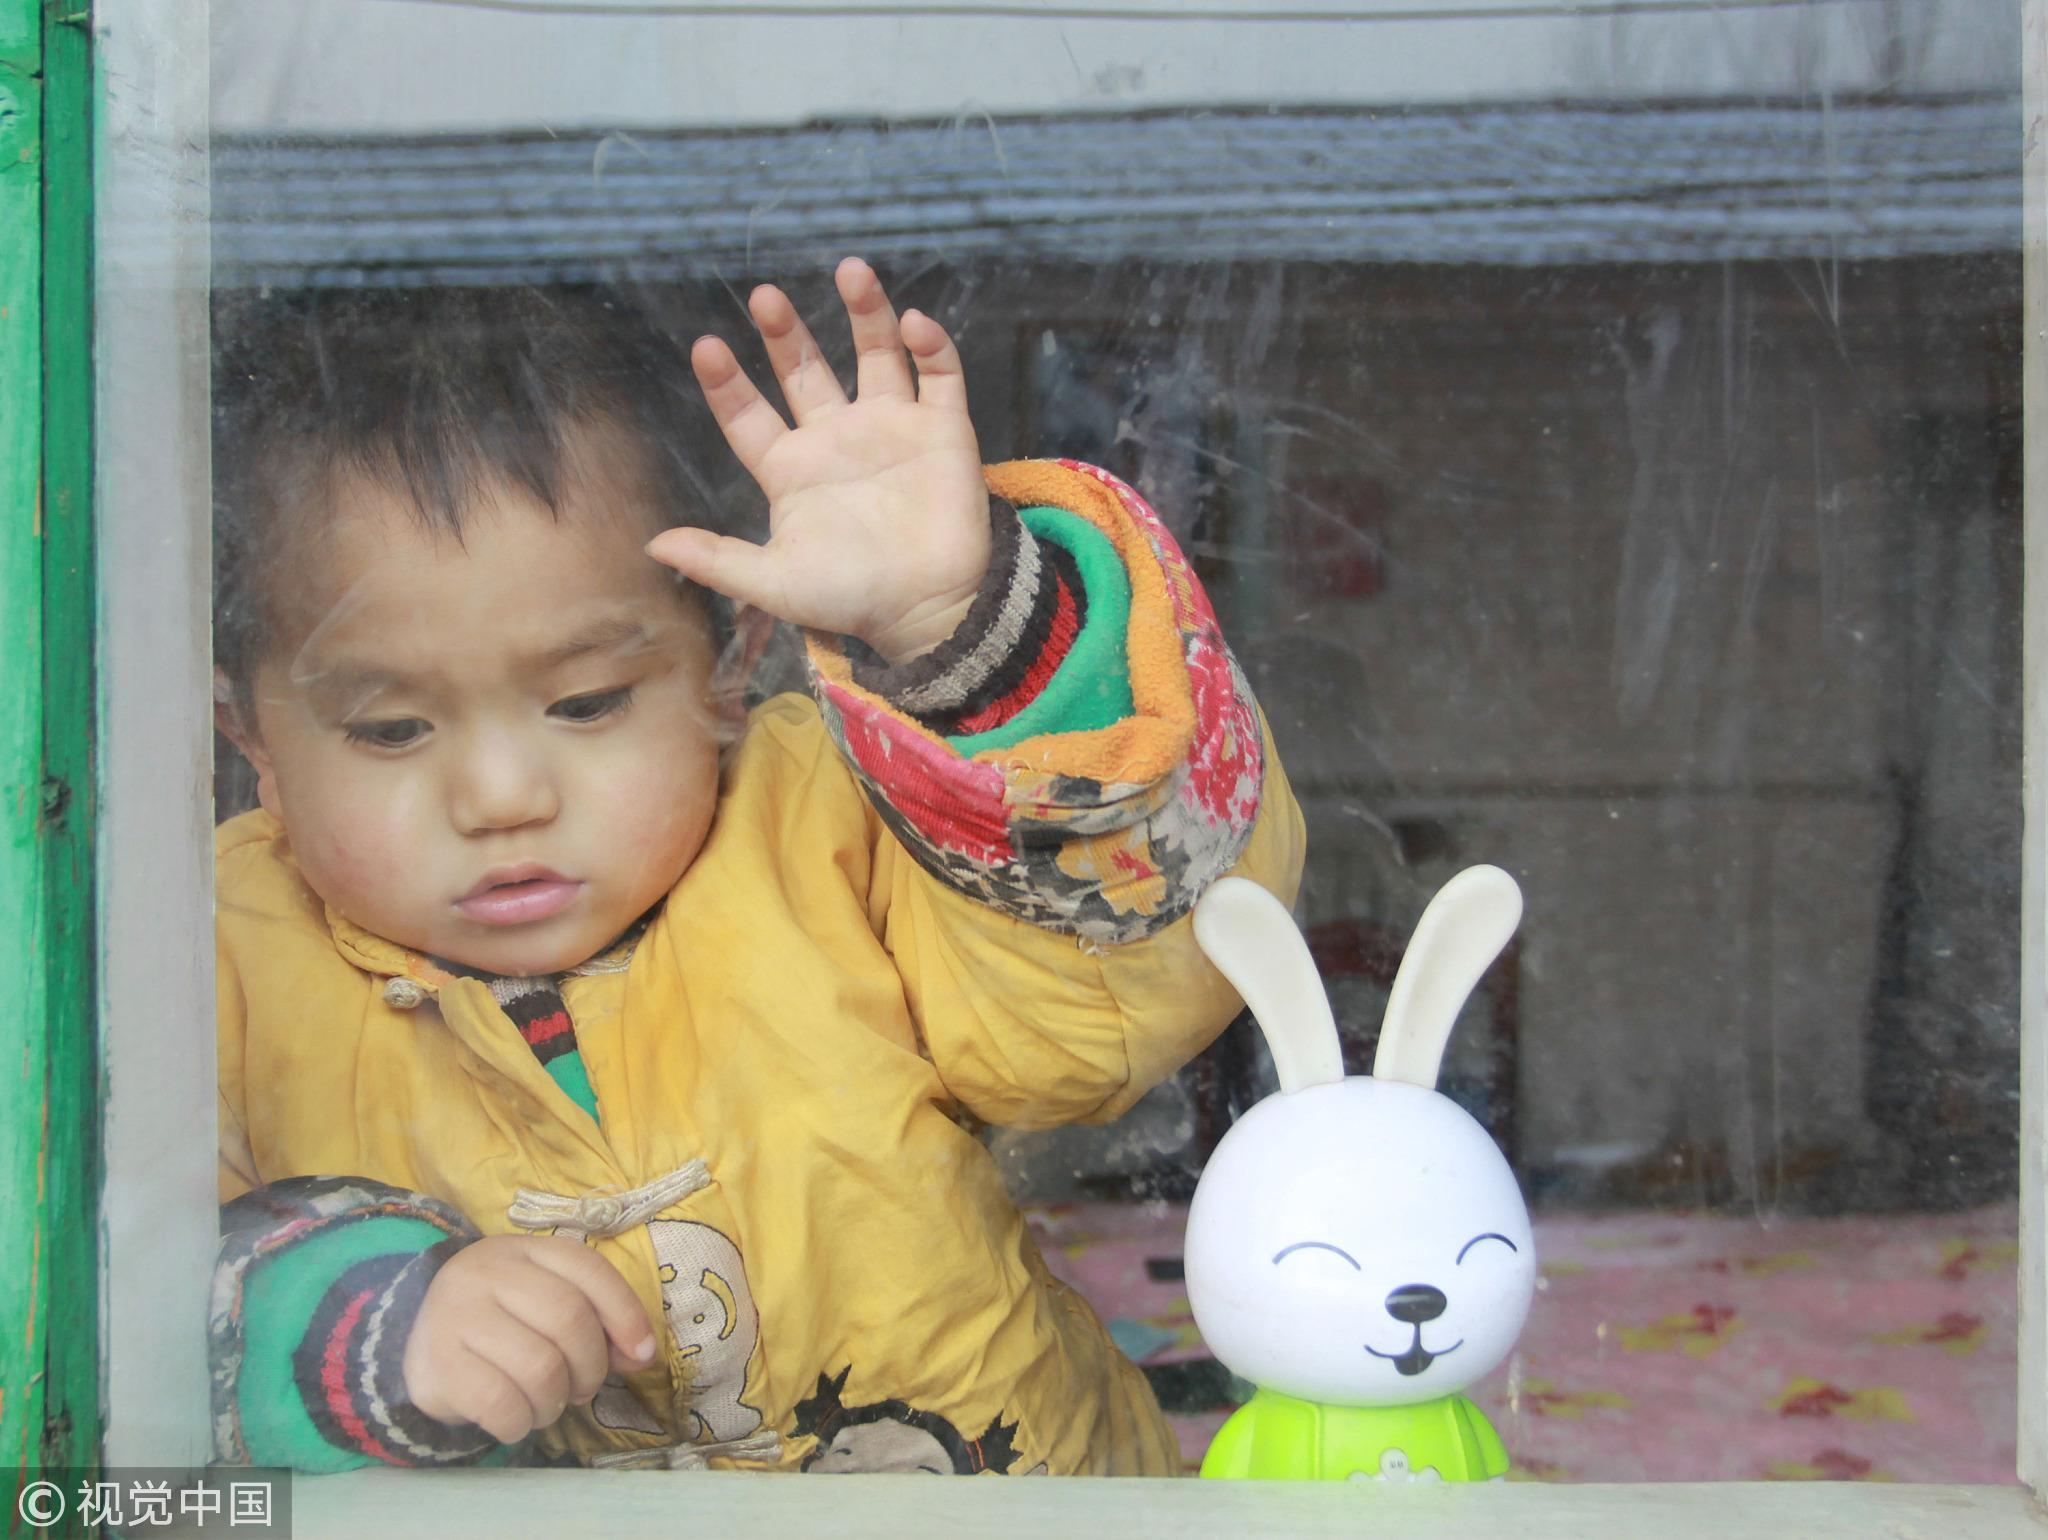 2015年1月25日,山东德州,2岁半儿子患眼癌急需治疗费用,父亲欲借钱渡难关。/视觉中国